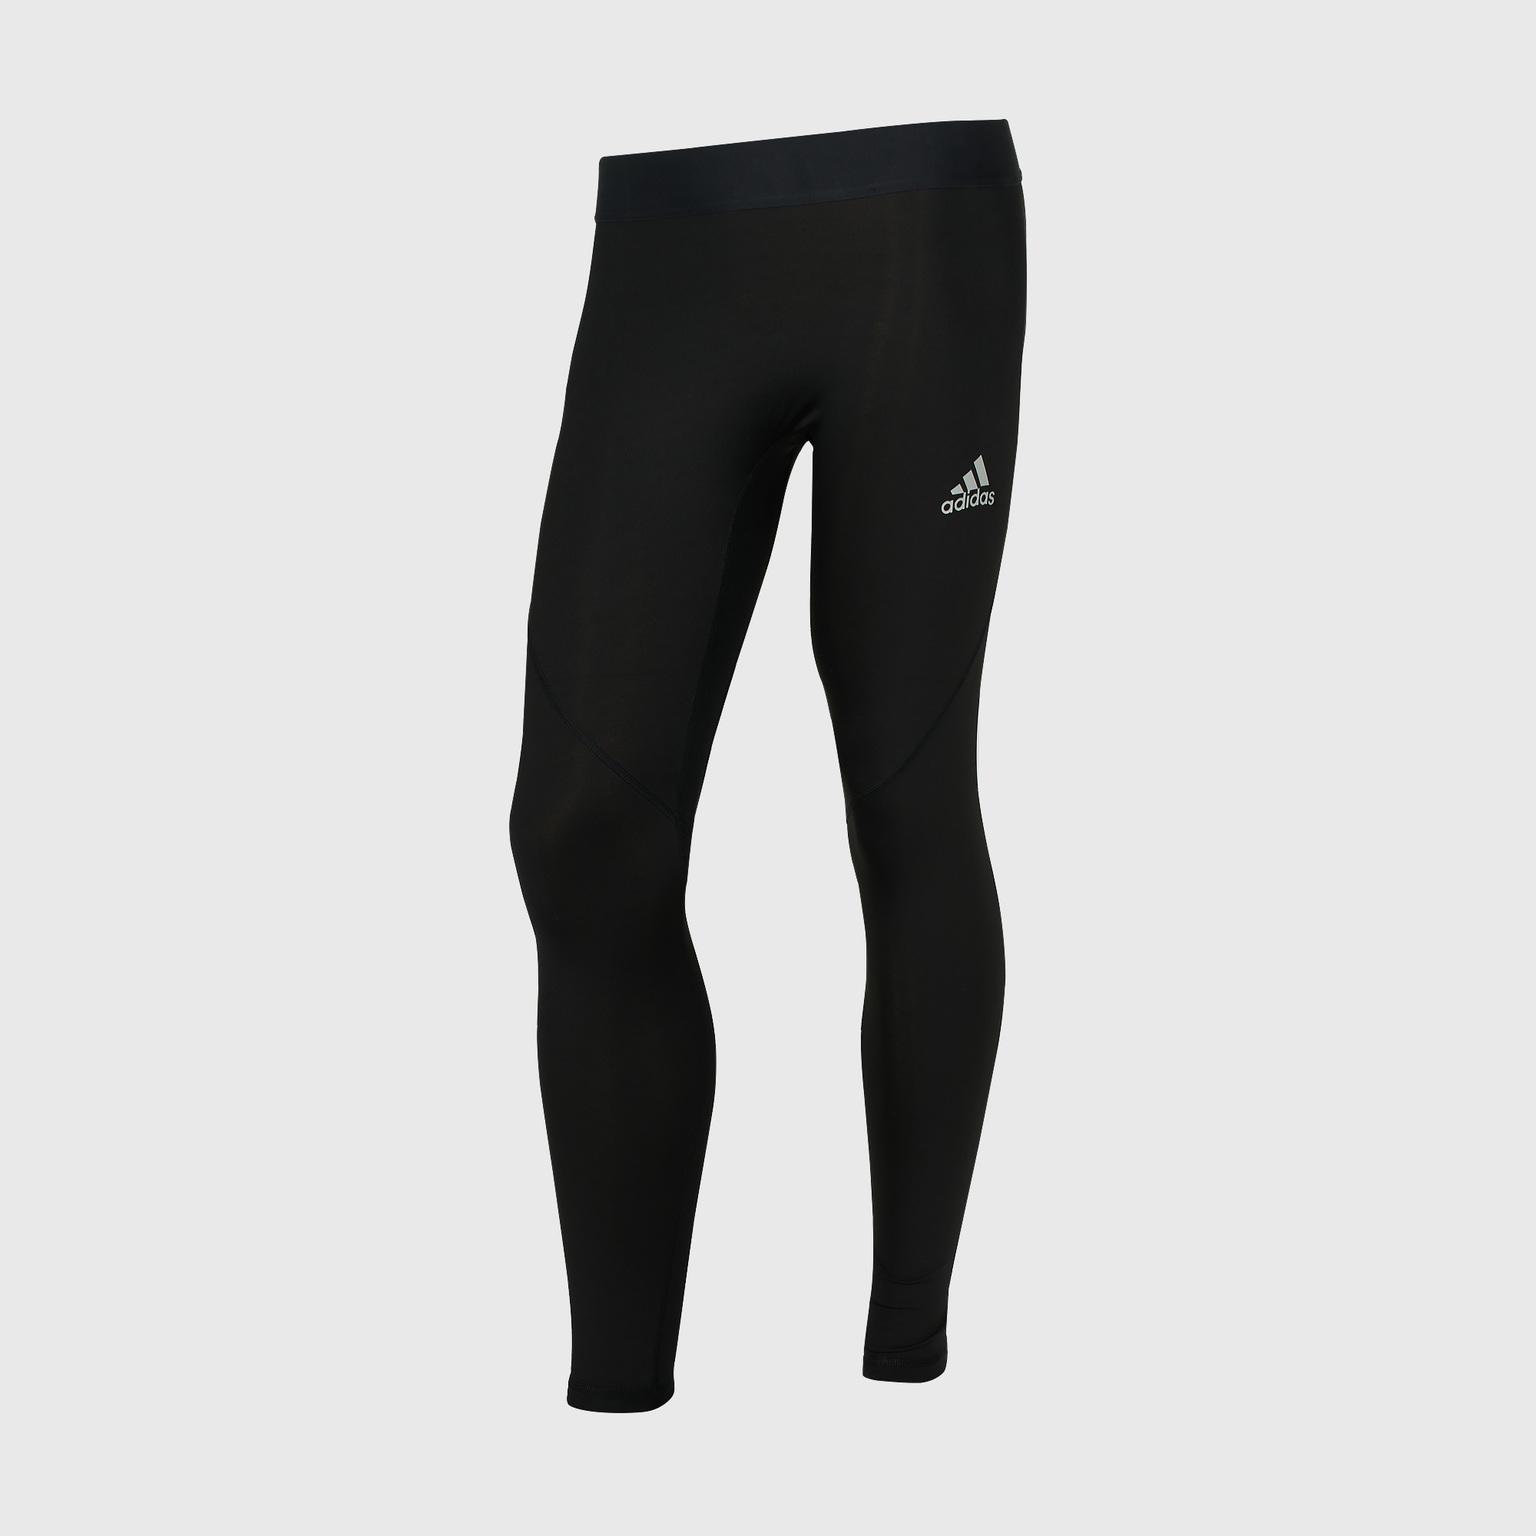 Белье лосины Adidas Ask Sprint CW9427 белье шорты adidas alphaskin sport cw9458